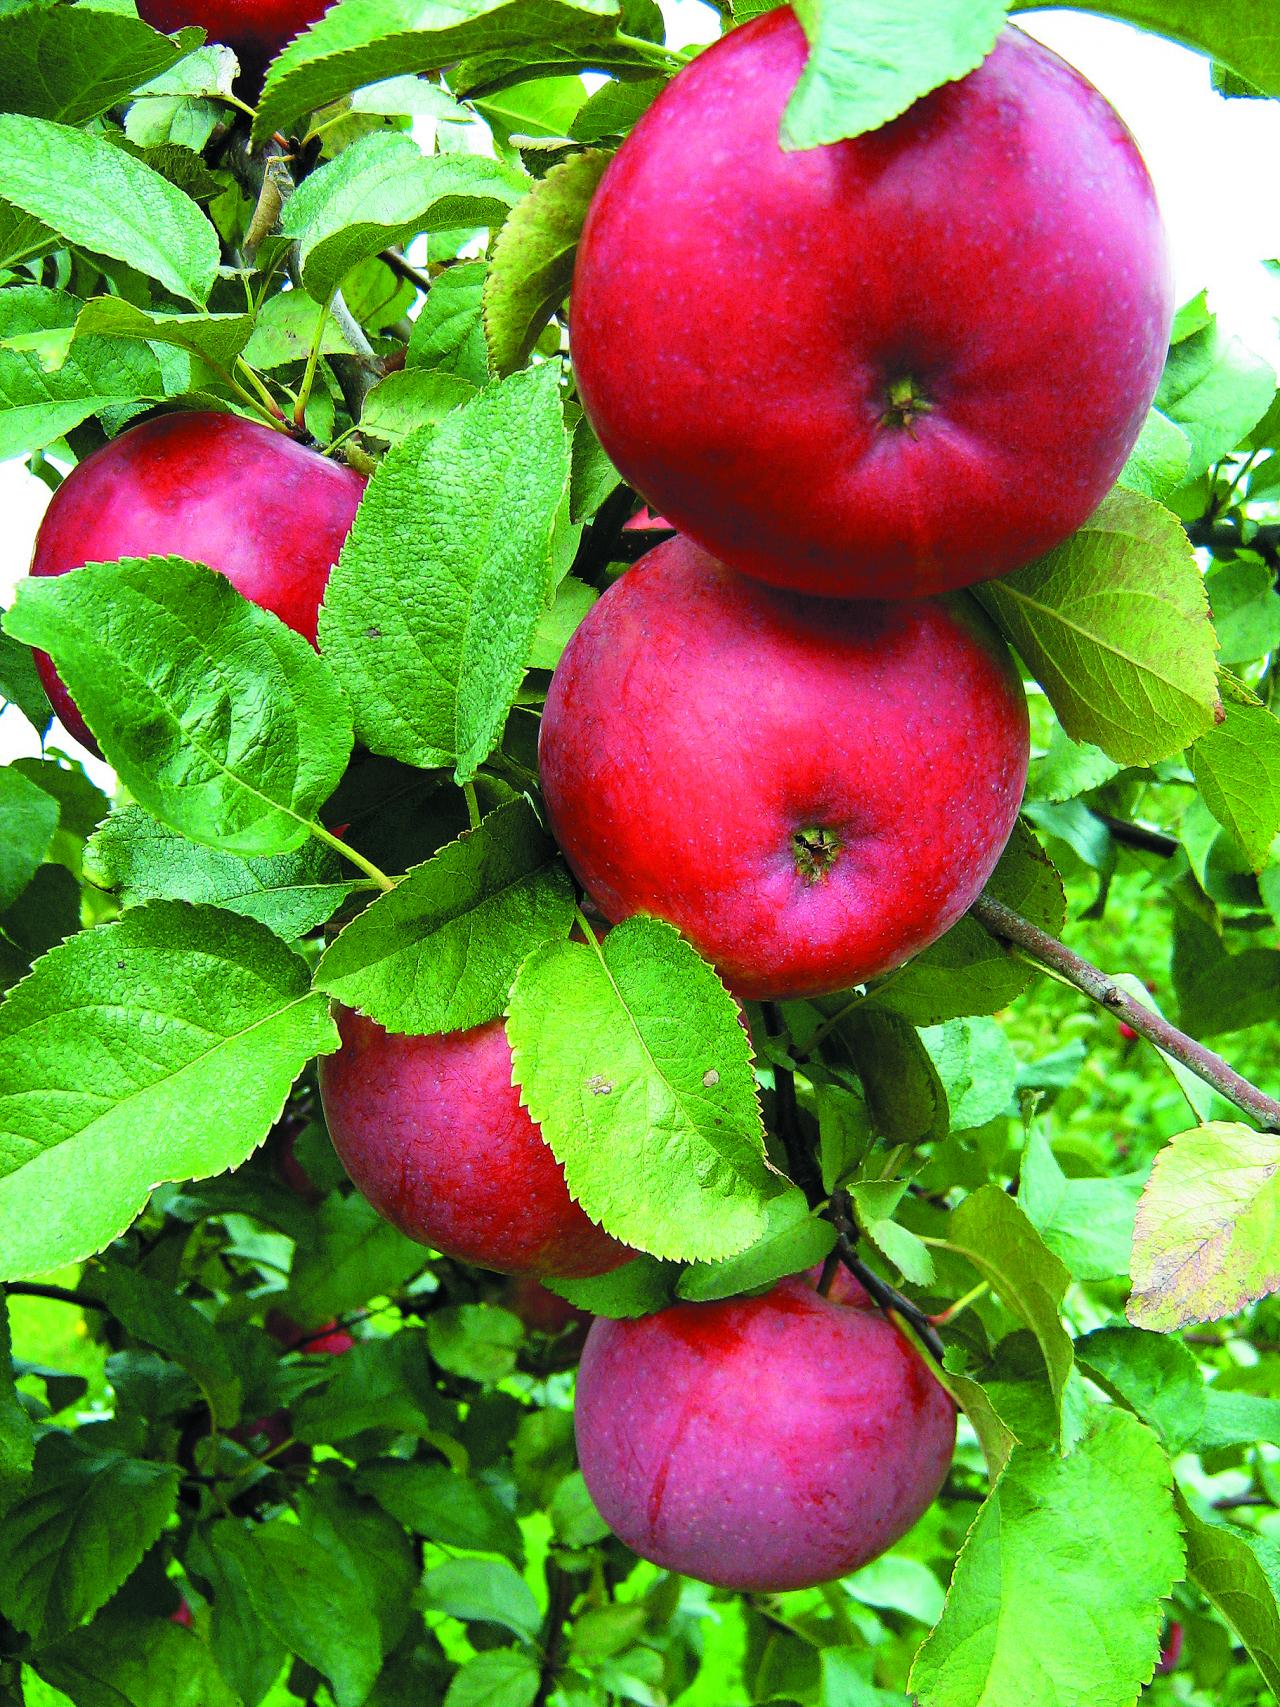 'Dace'. Vislabākā jaunā Latvijas rudens un agra ziemas ābeļu šķirne. Izturīga pret kraupi, augļi pašizretinās. Āboli vienmēr lieli, mīkstums stingrs, sulīgs, saldskābs ar salduma pārsvaru. Āboli glabājas līdz janvārim, februārim. Stabilās, labās ražības un vieglās kopšanas dēļ arī Igaunijā atzīta par perspektīvu šķirni.